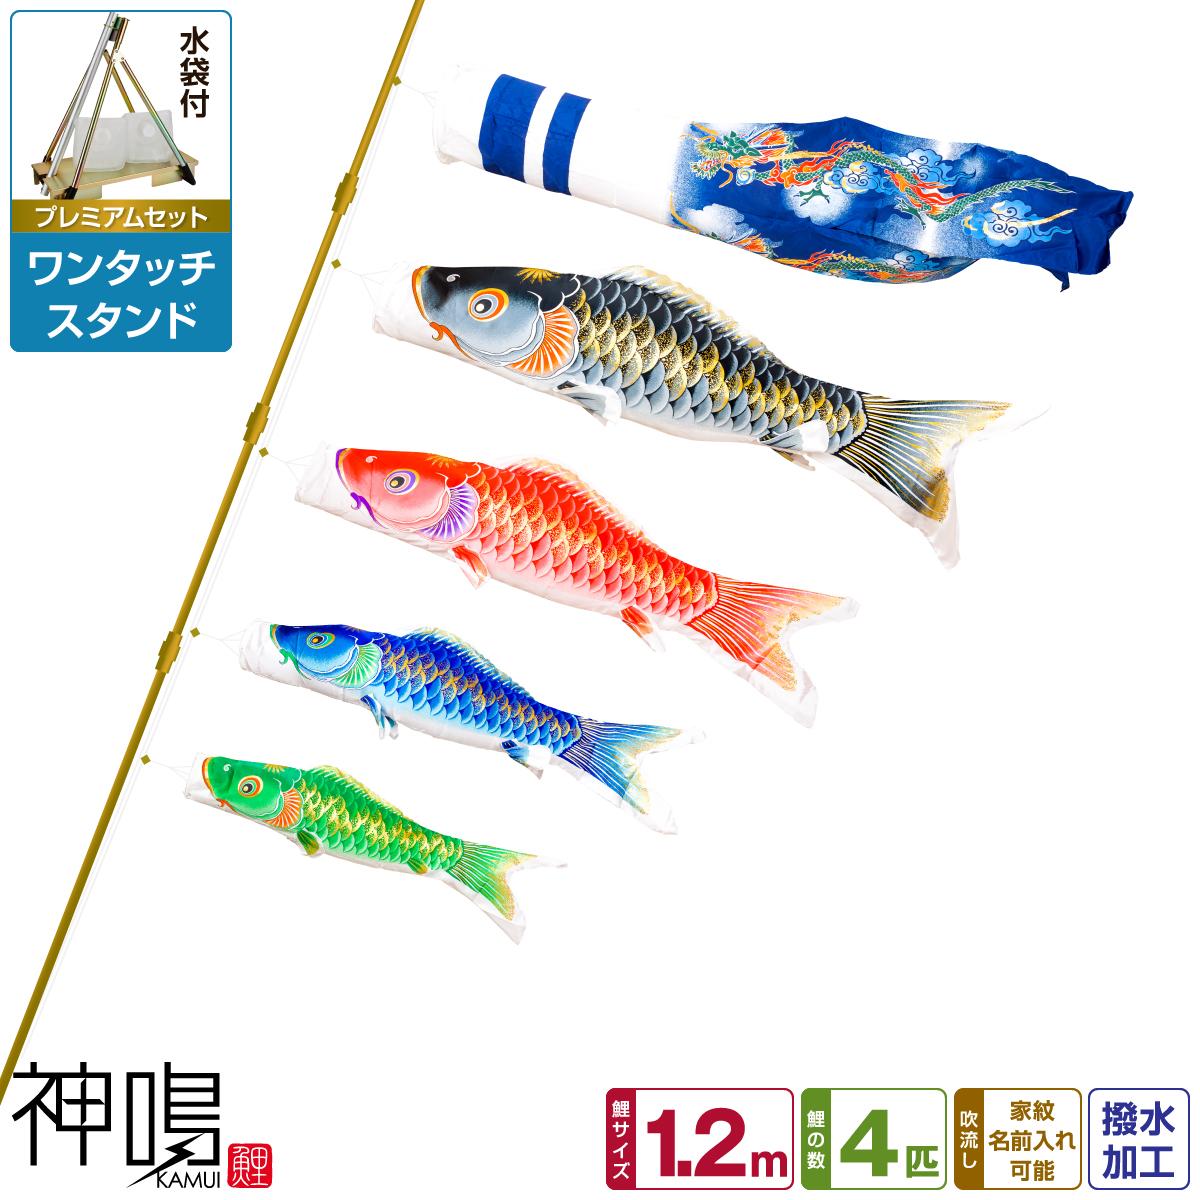 ベランダ用 鯉のぼり 神鳴鯉-KAMUI- 1.2m 7点(吹流し+鯉4匹+矢車+ロープ)/プレミアムセット(ワンタッチスタンド)